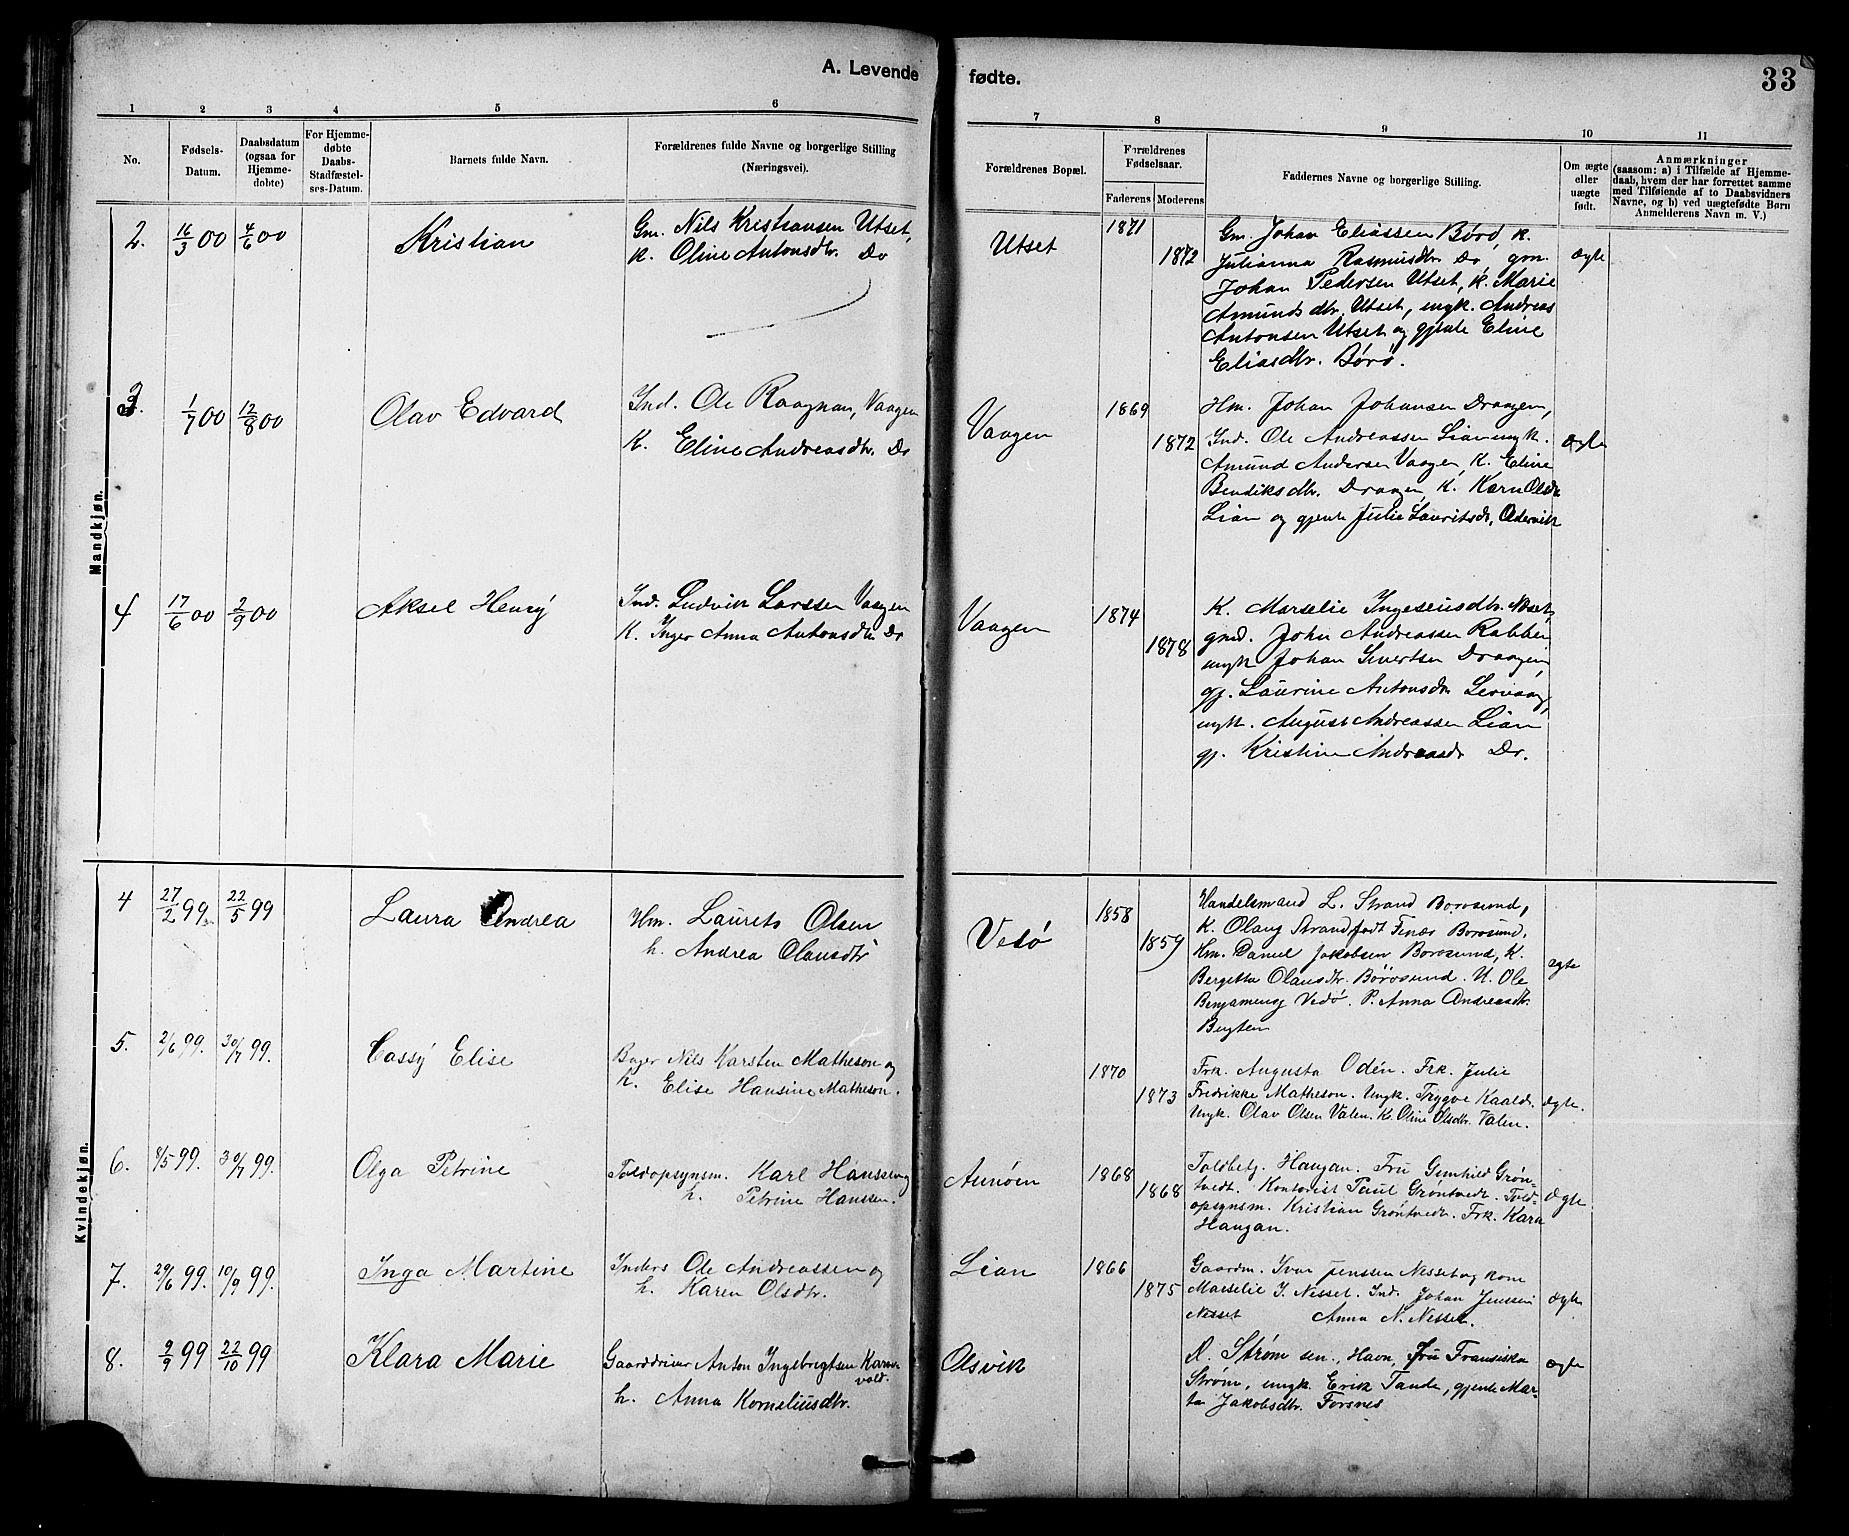 SAT, Ministerialprotokoller, klokkerbøker og fødselsregistre - Sør-Trøndelag, 639/L0573: Klokkerbok nr. 639C01, 1890-1905, s. 33